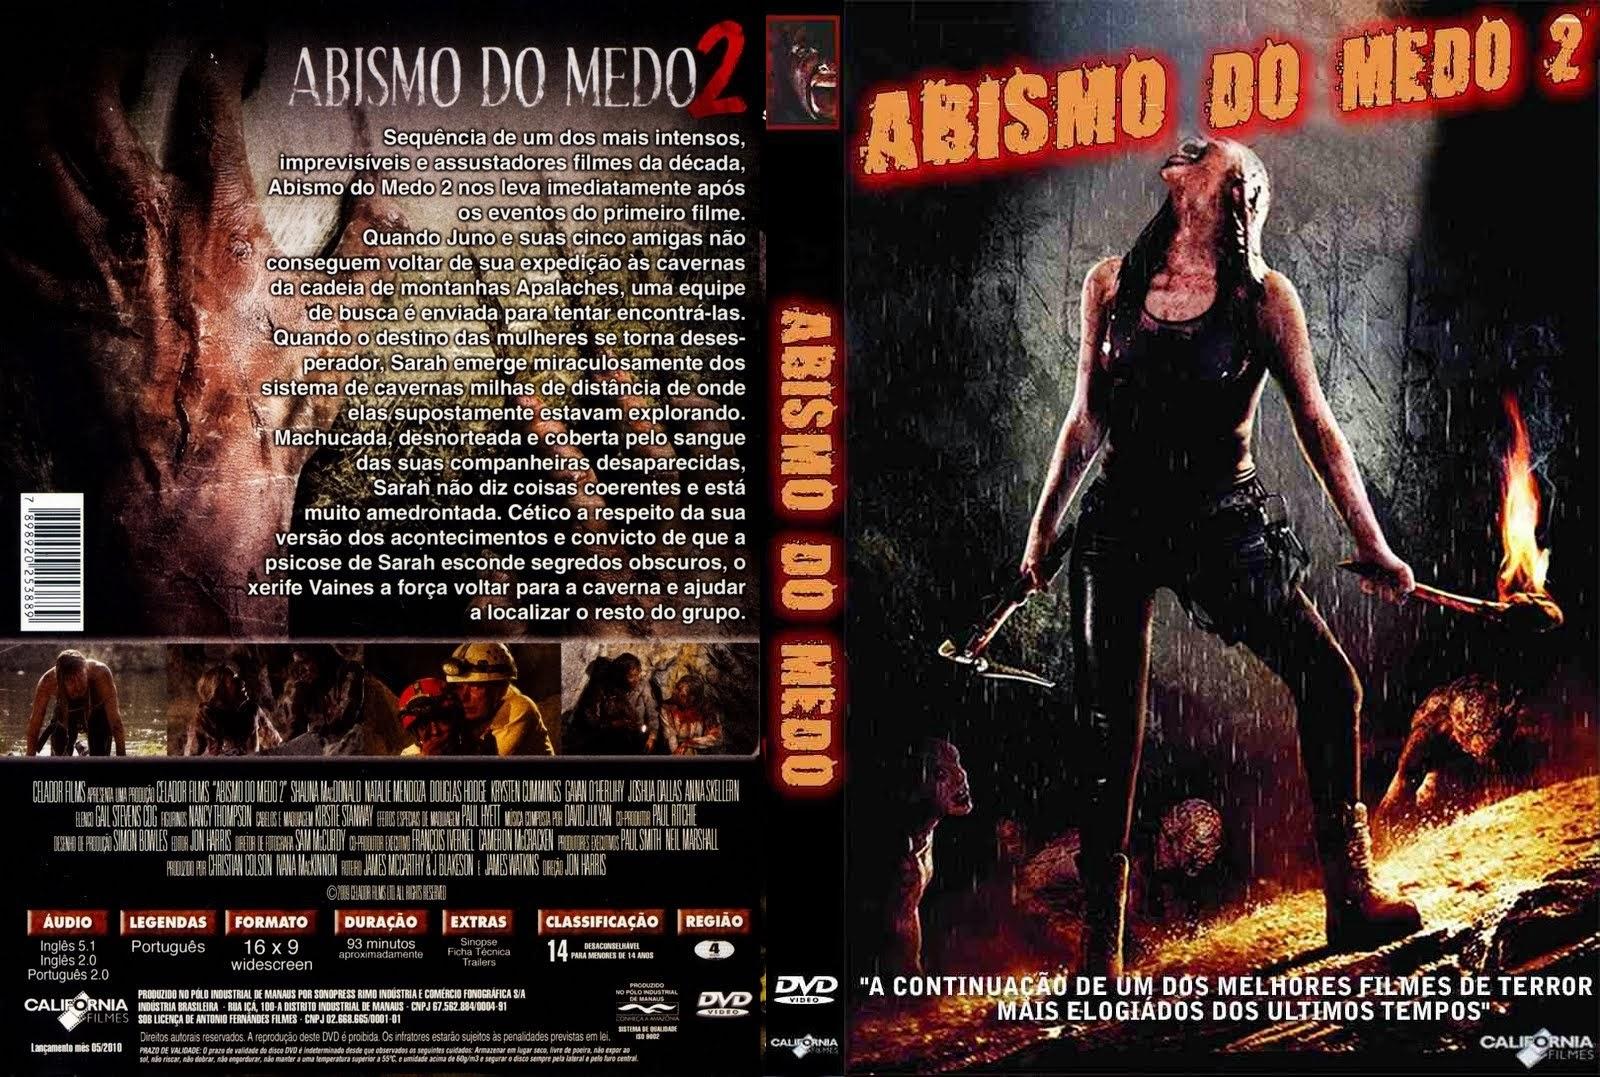 Abismo do Medo 2 DVD Capa